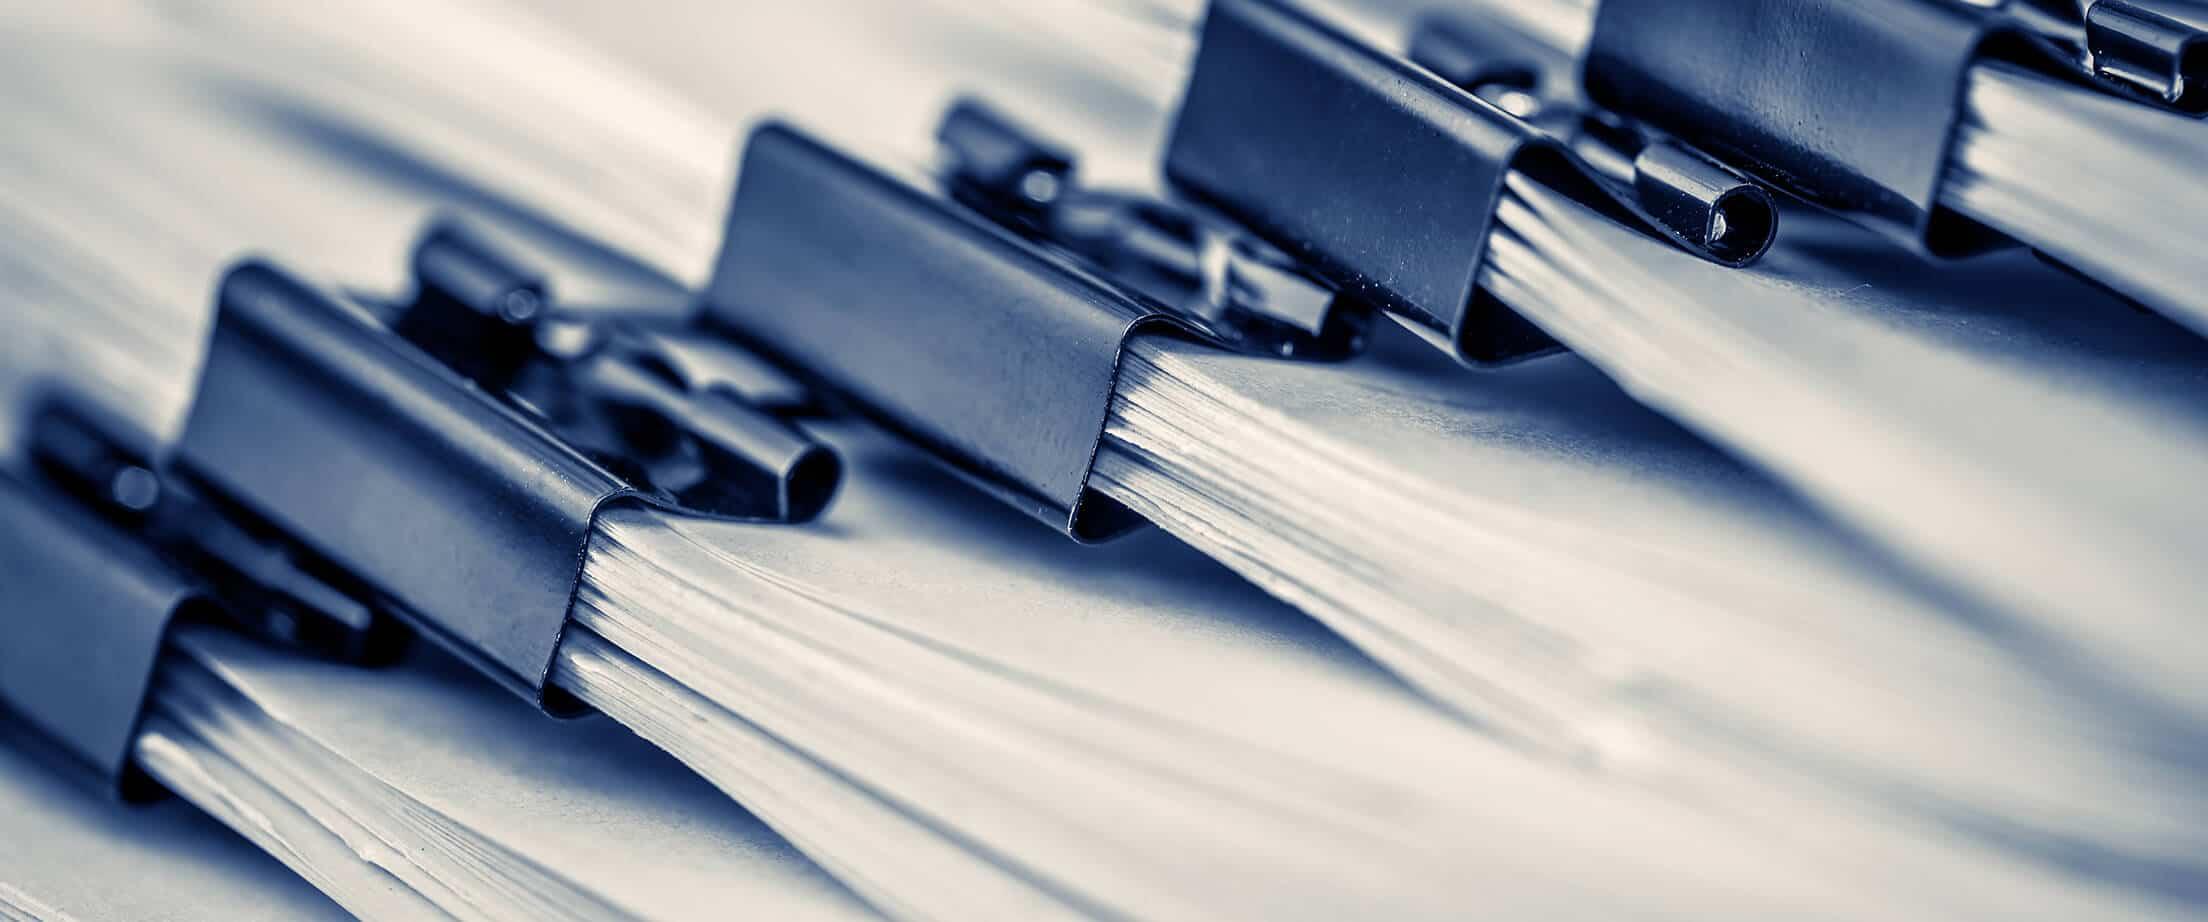 I photo of a set of ISO 27001 documentation